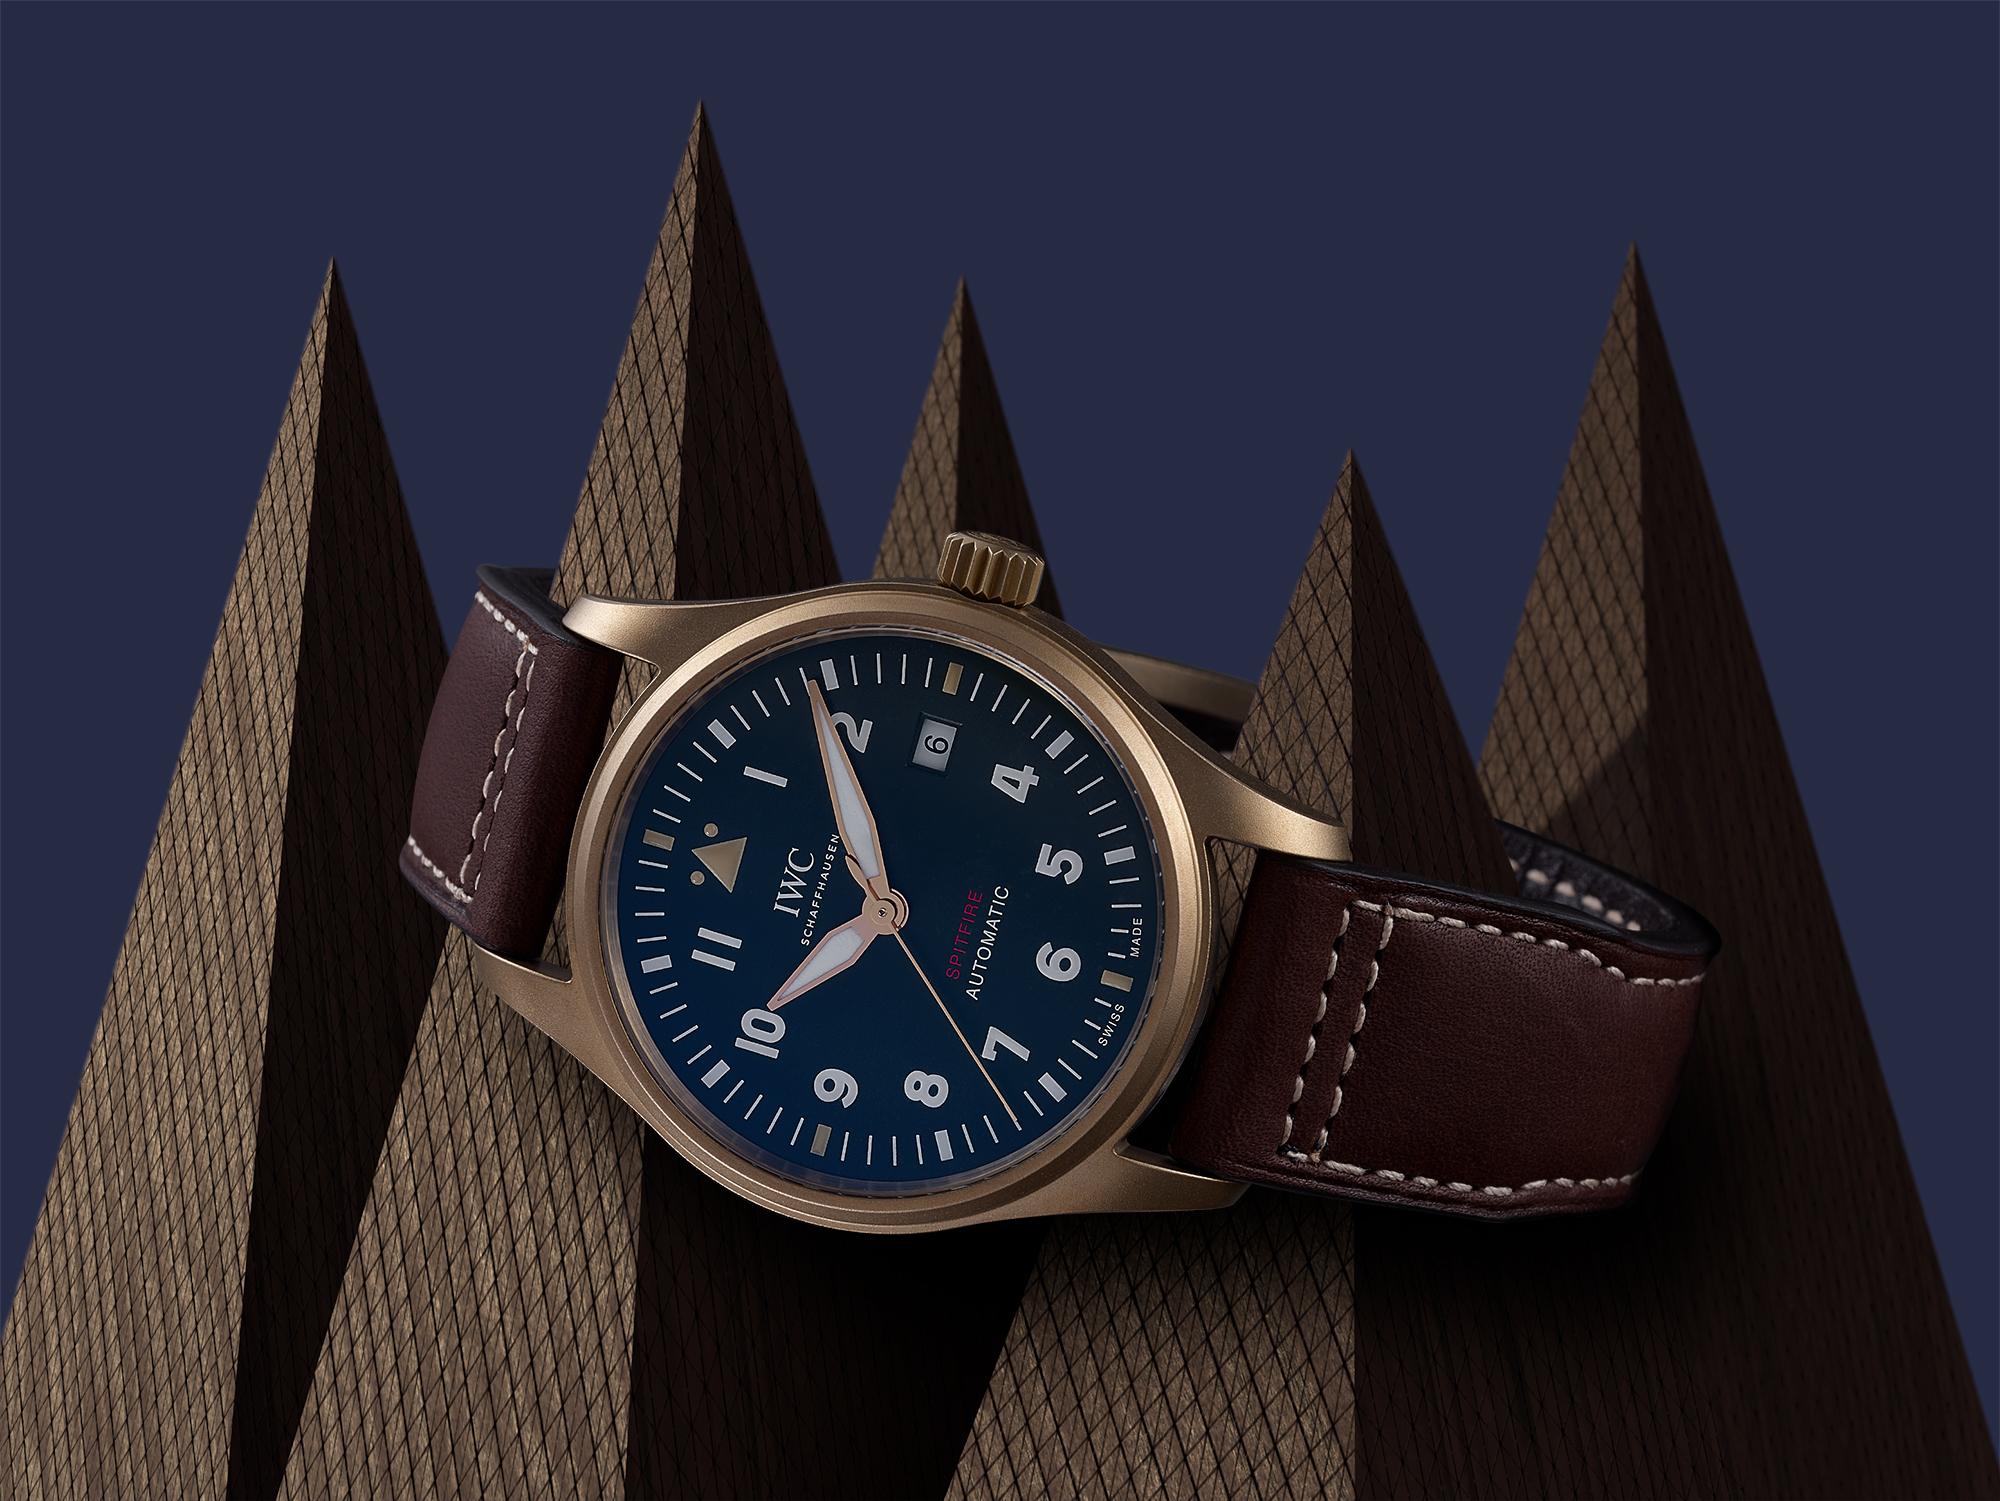 photo créative pour la montre spitfire de iwc de schaffhausen